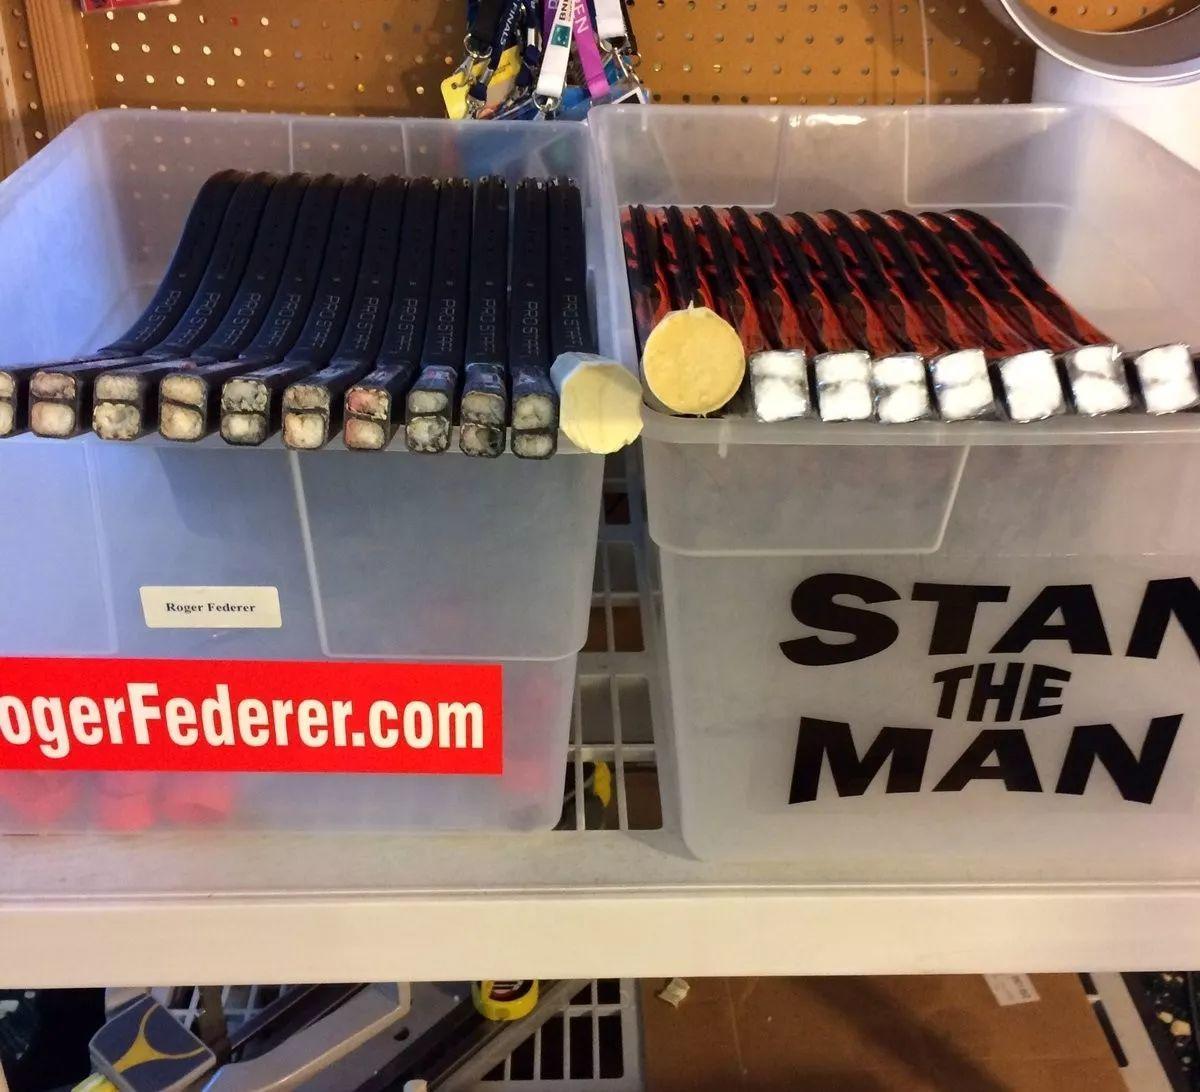 这家网球界最流弊的公司,纳达尔和小威看不上!